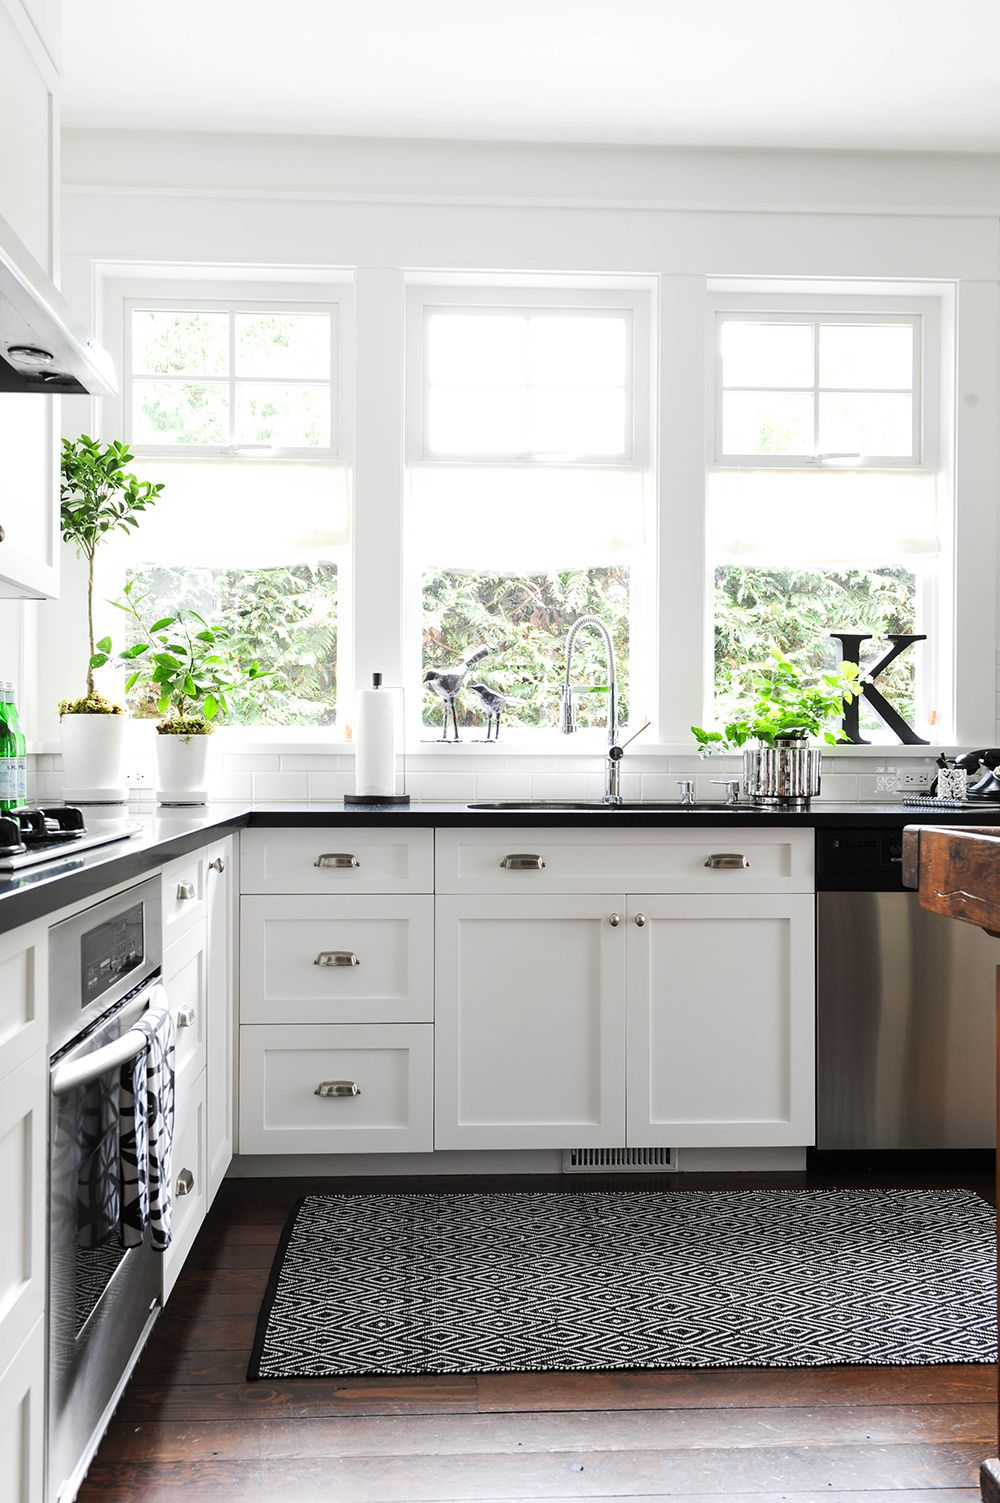 windows over kitchen sink  キッチン  Pinterest  Sinks Kitchens